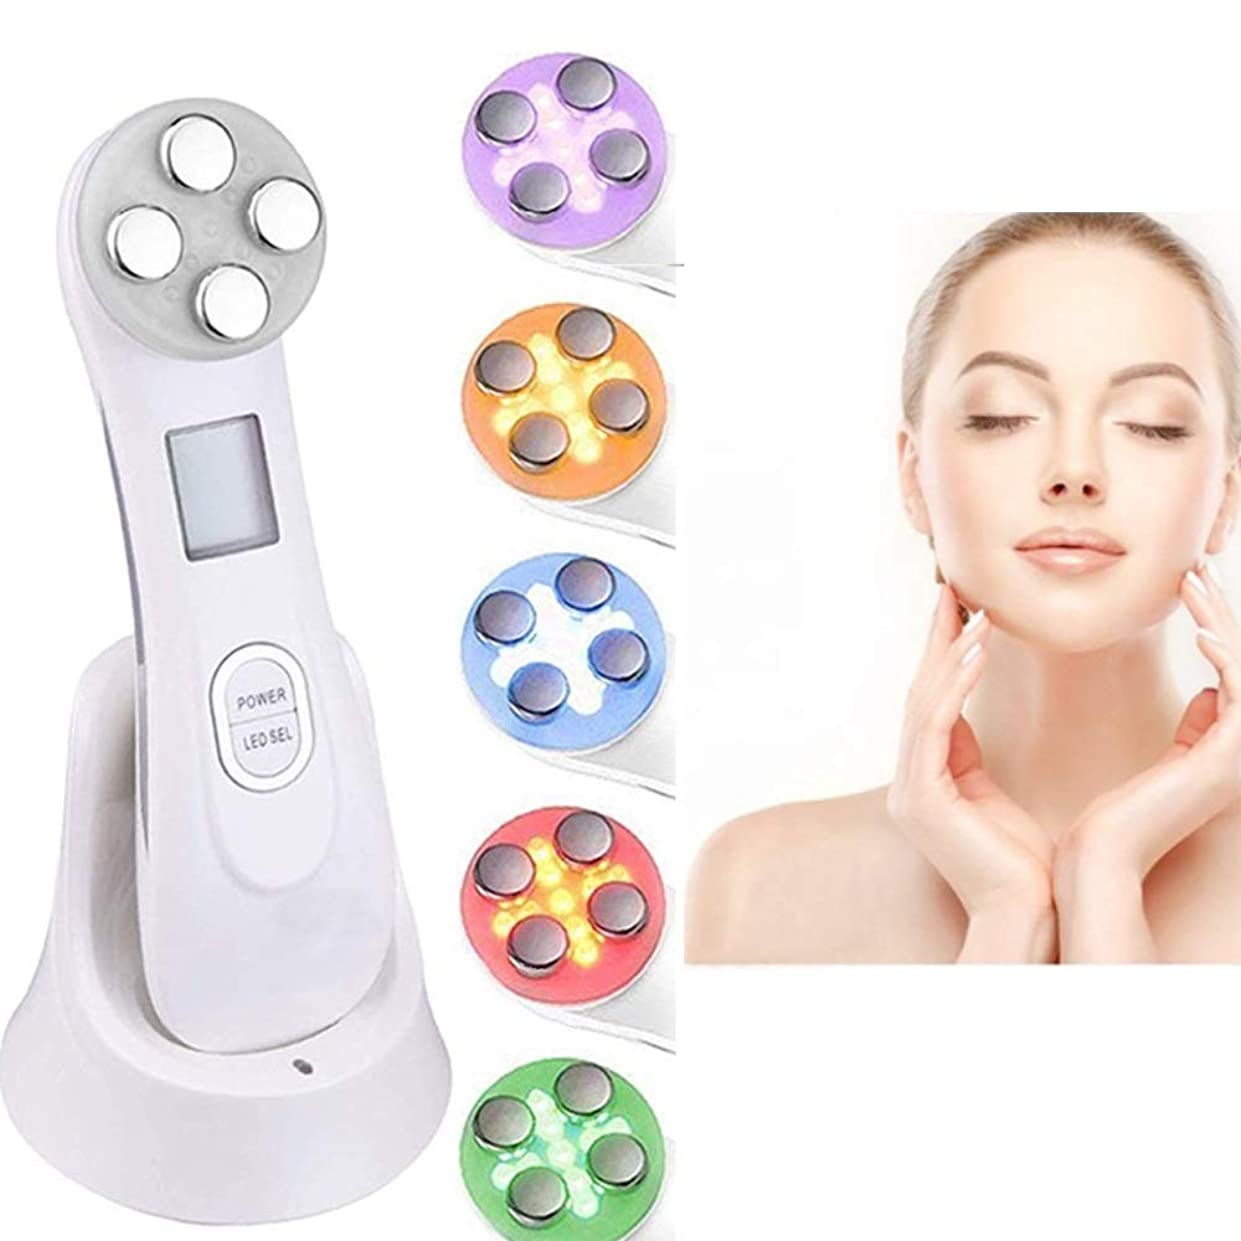 スキンケアの美機械、1つのRFの美の反老化のしわの取り外しに付き6つ、LEDライト療法の顔の持ち上がる若返りの皮の引き締めの白くなる収縮の気孔は、目のしわの心配を防ぎます